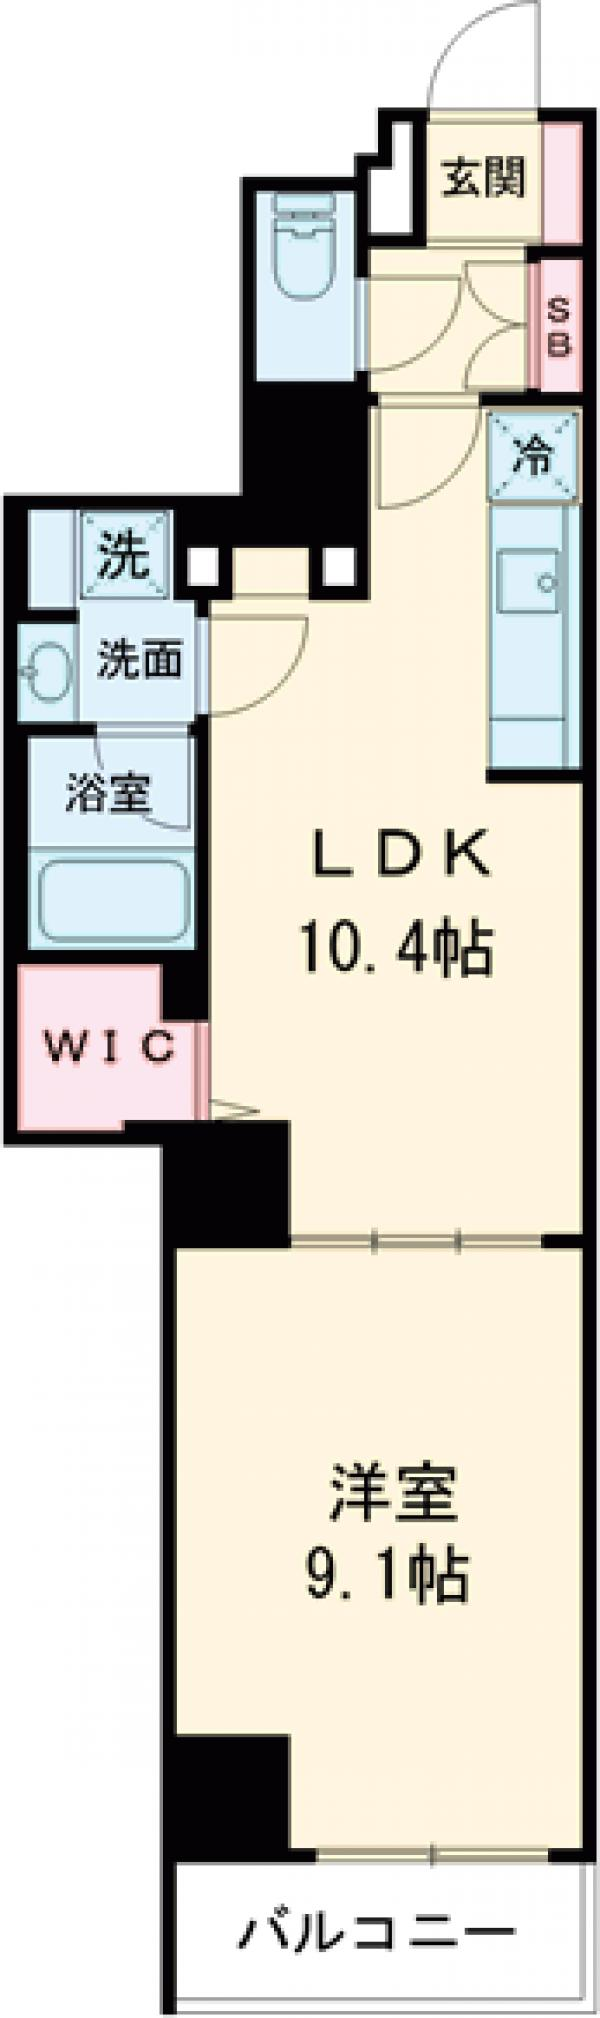 ロイジェント上野桜木・401号室の間取り